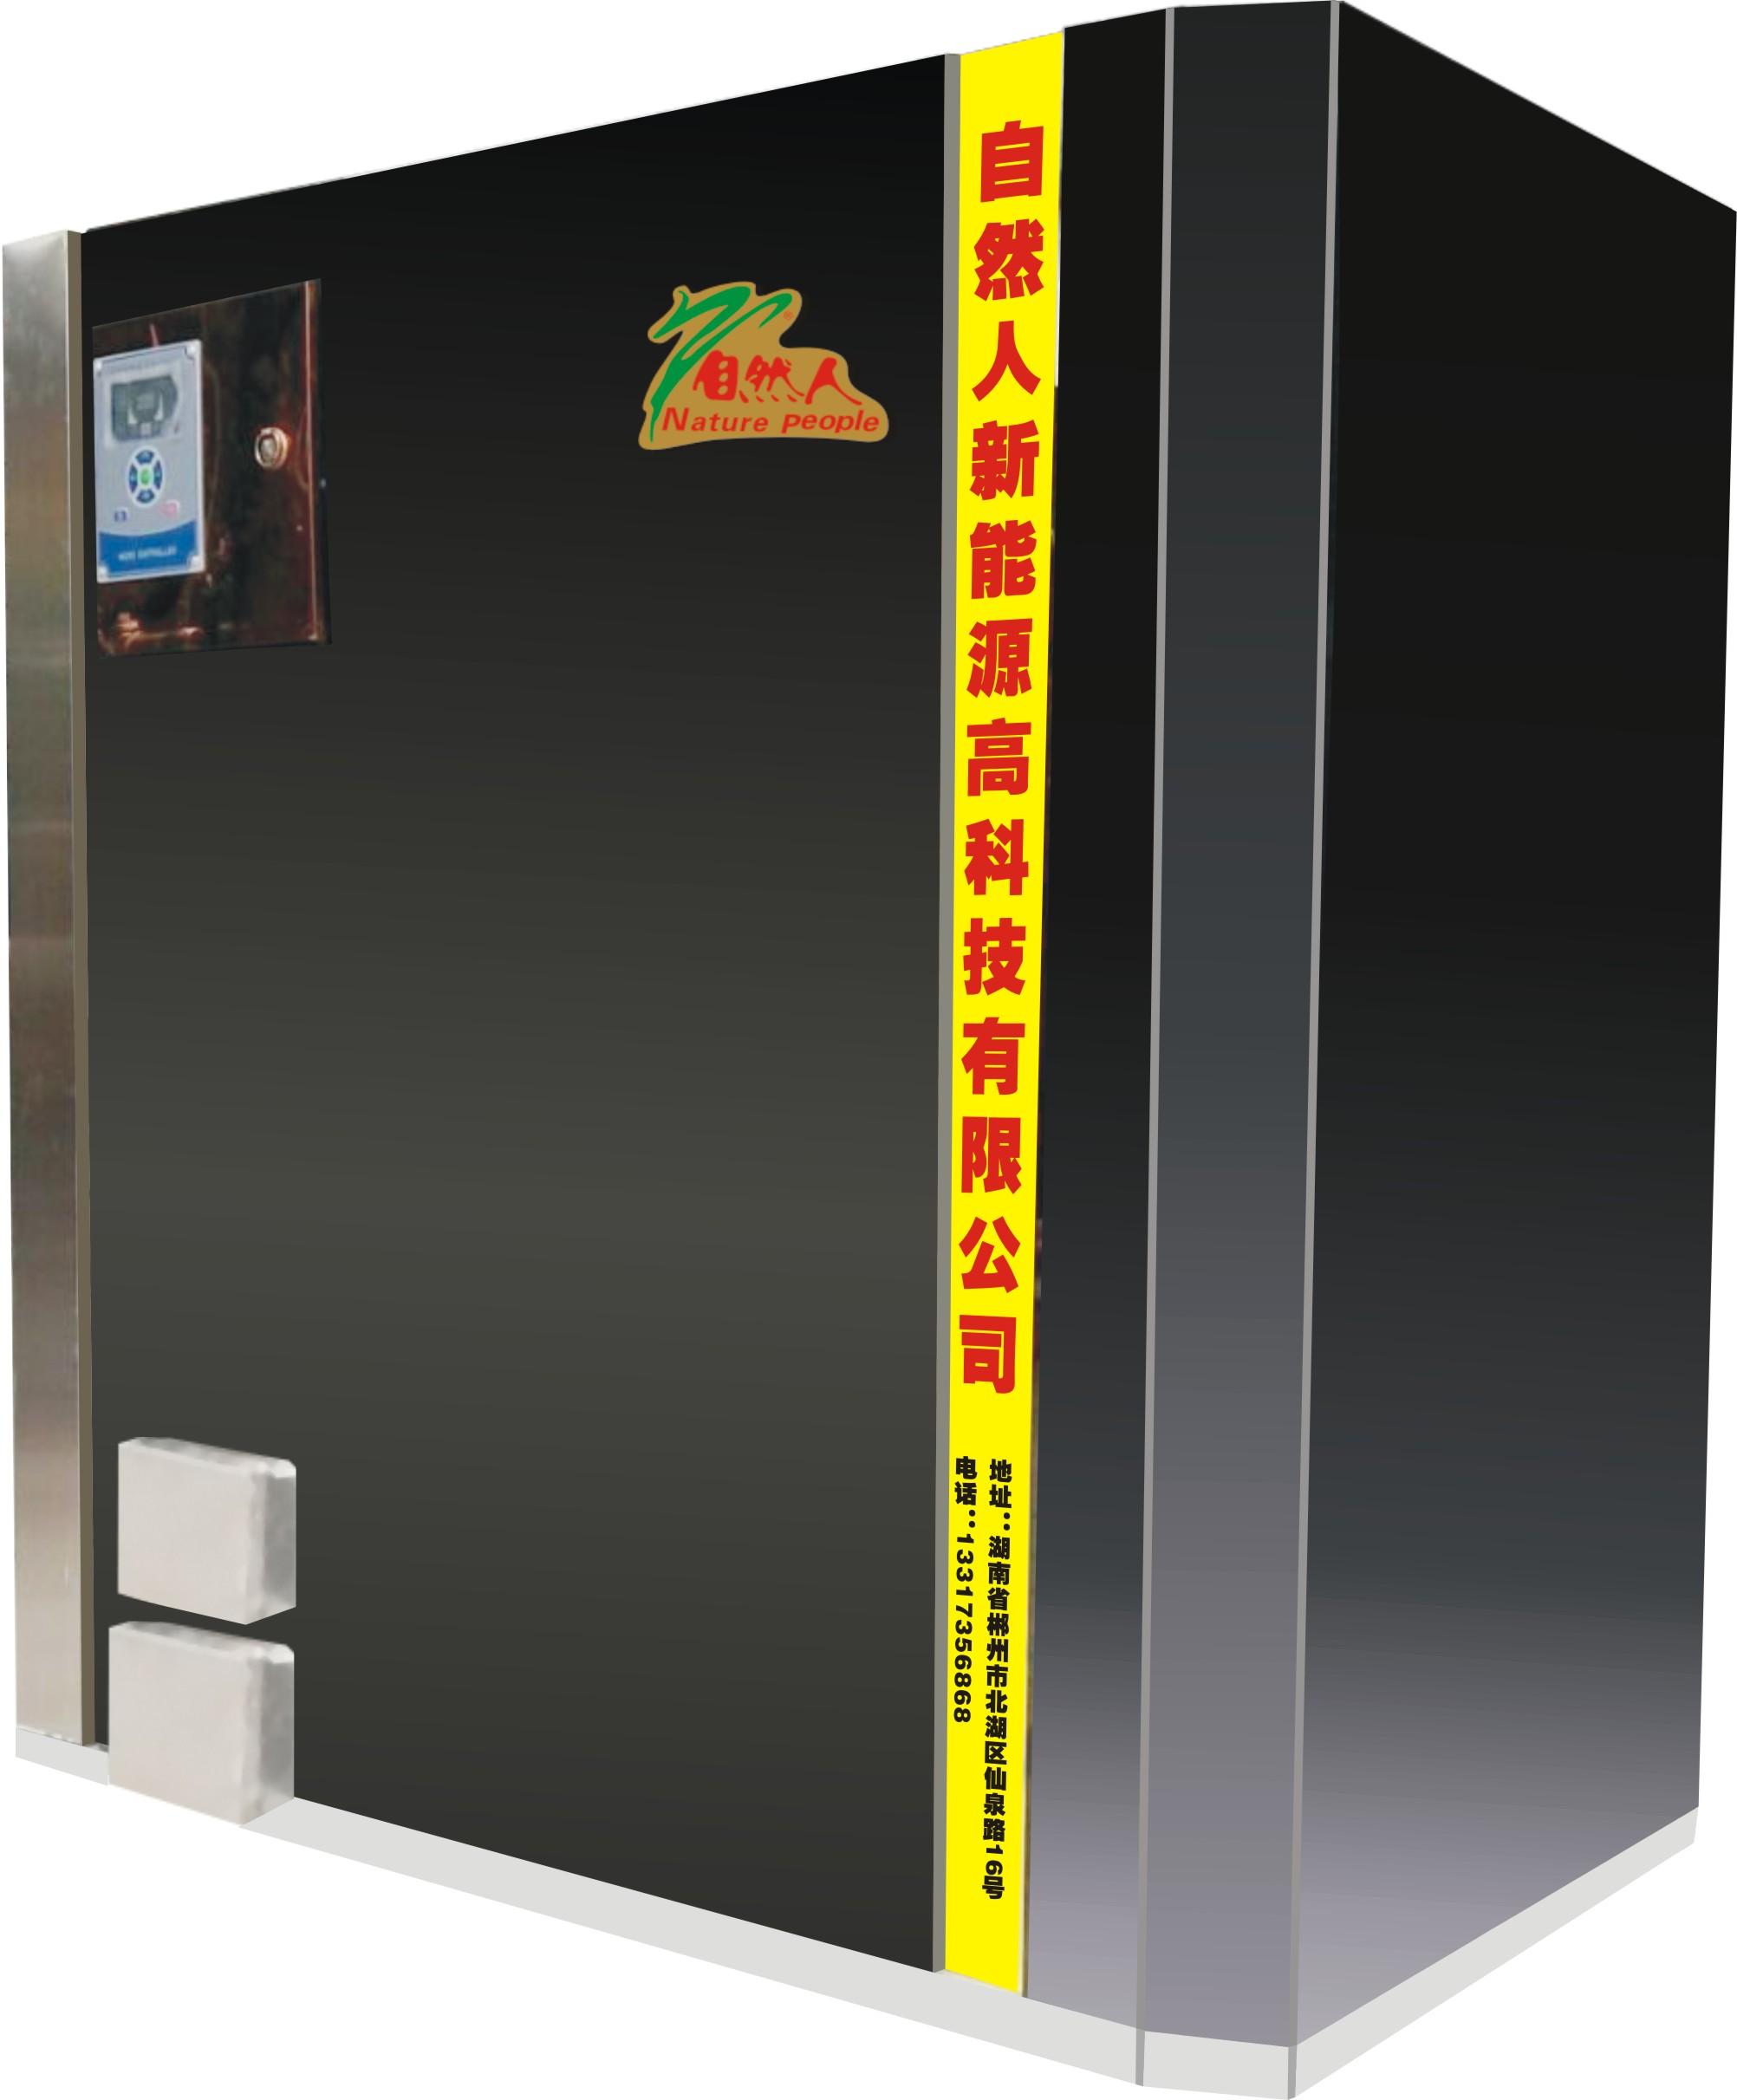 中型浴池锅炉 自然人生物质浴池锅炉中号